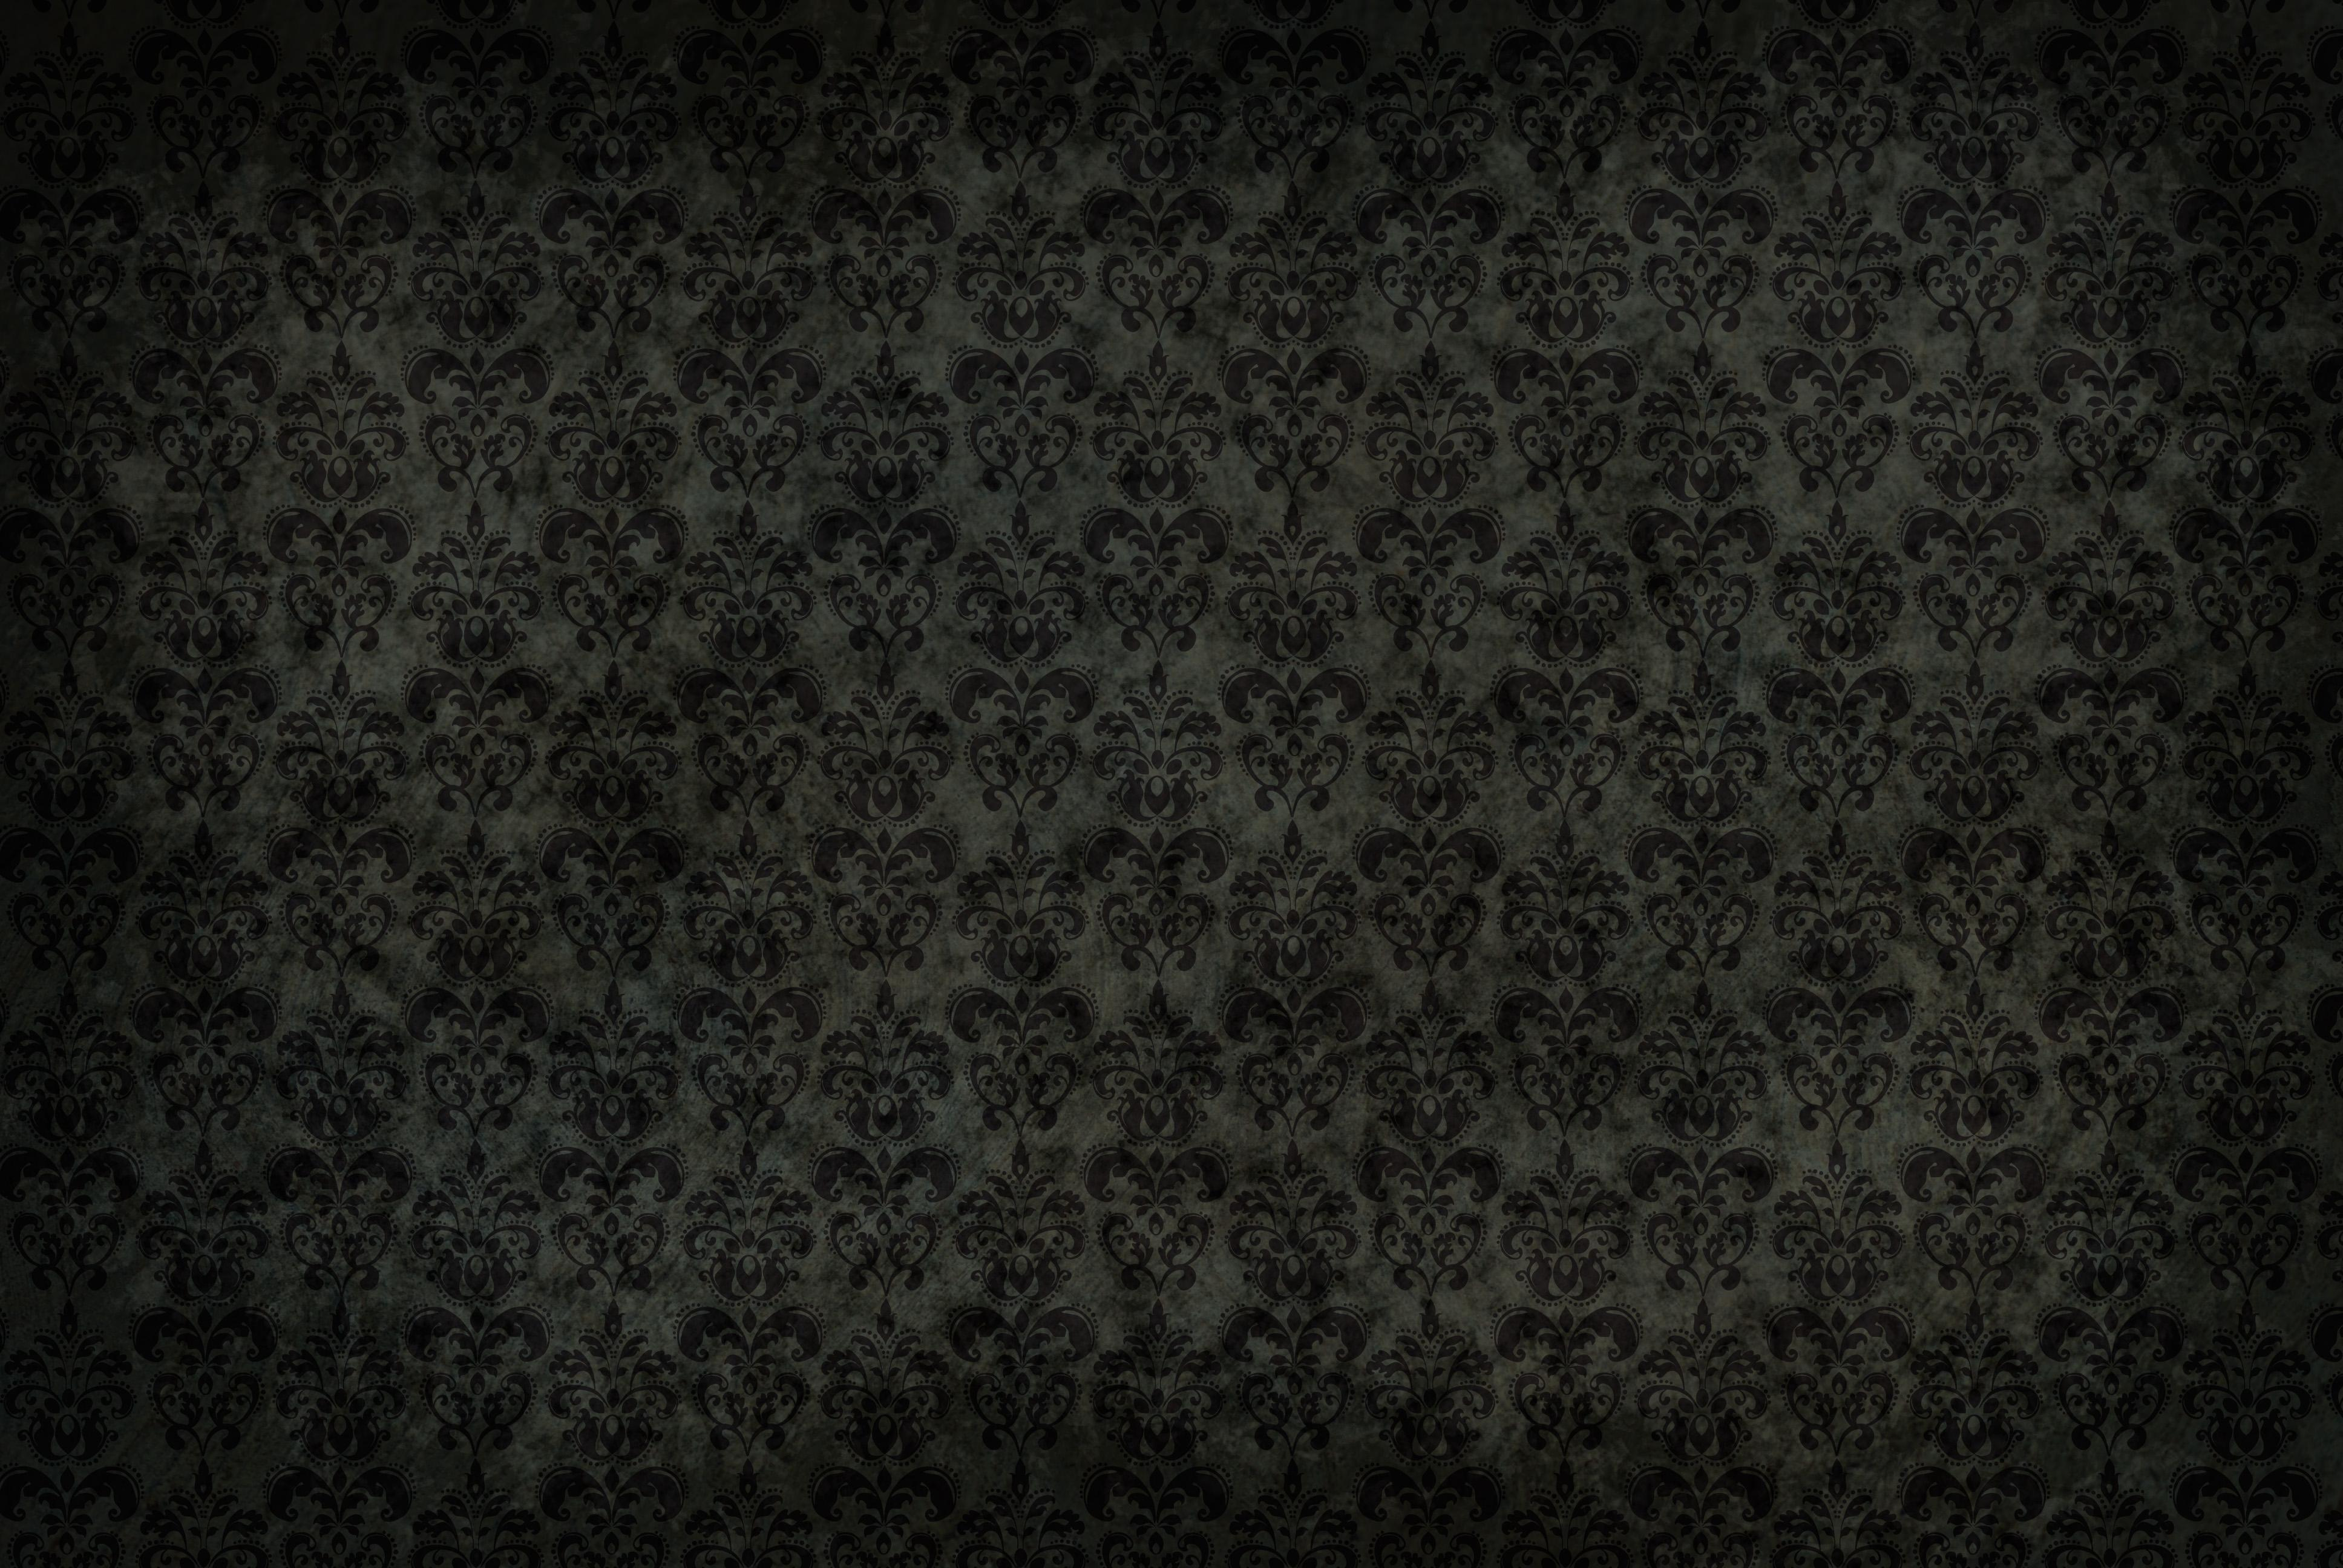 Wyniki Szukania w Grafice Google dla http://www.deviantart.com/download/117336489/Vintage_Texture_I_by_WingsOfAHero.jpg